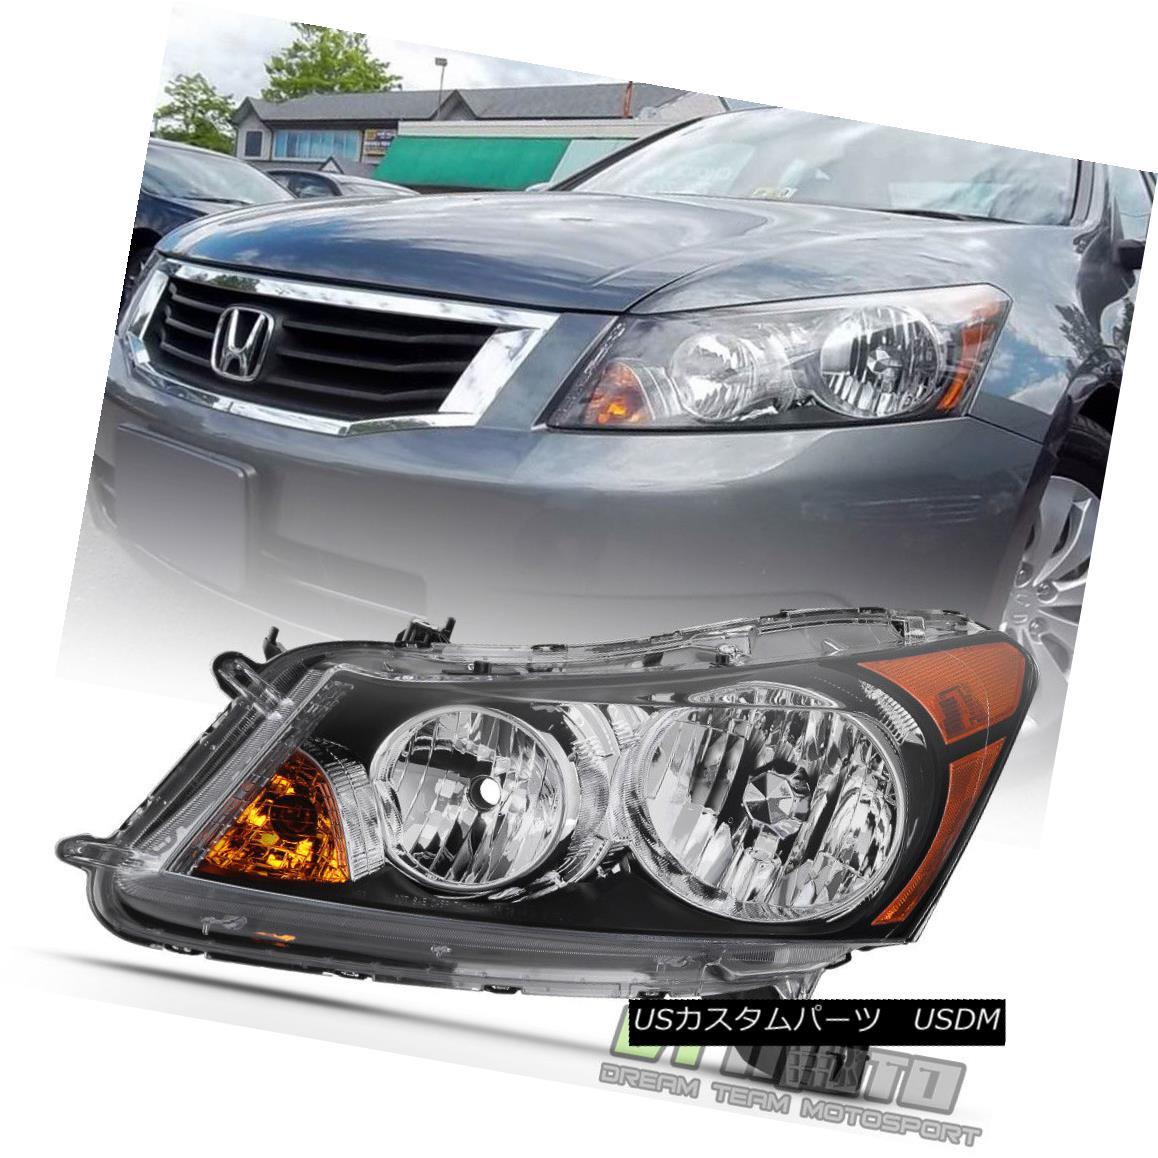 ヘッドライト For 2008 2009 2010 2011 2012 Honda Accord Sedan Headlight Headlamp Driver Side 2008年2009年2010年2011年2012年ホンダアコードセダンヘッドライトヘッドランプドライバ側